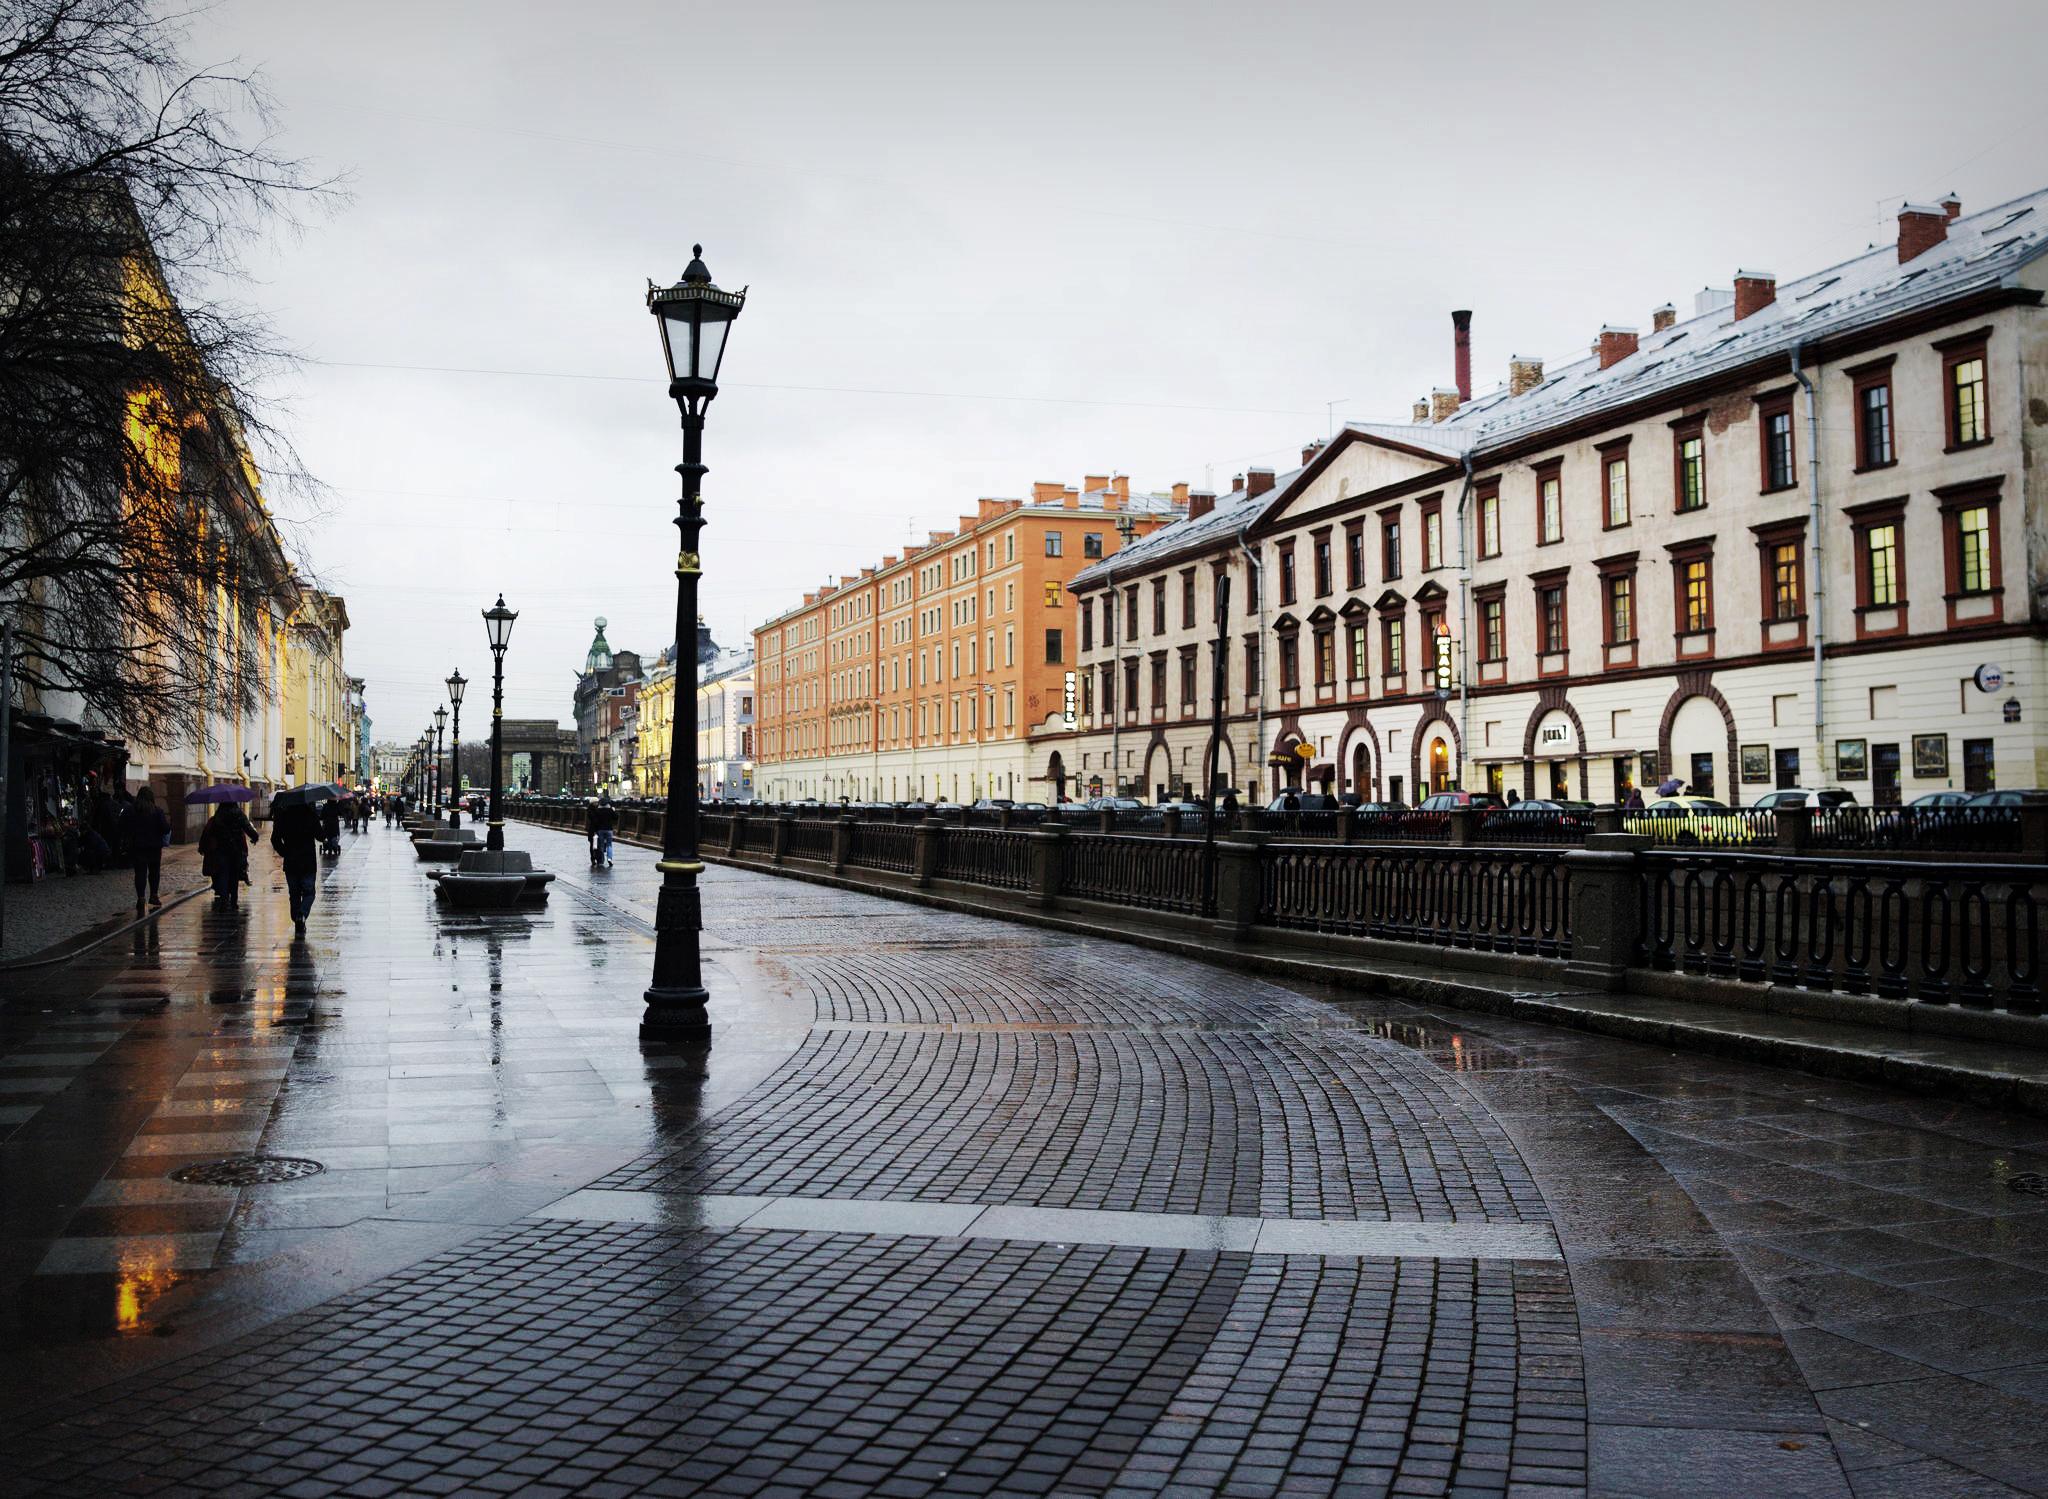 продукция спб красивые улицы для фотографии цирконий